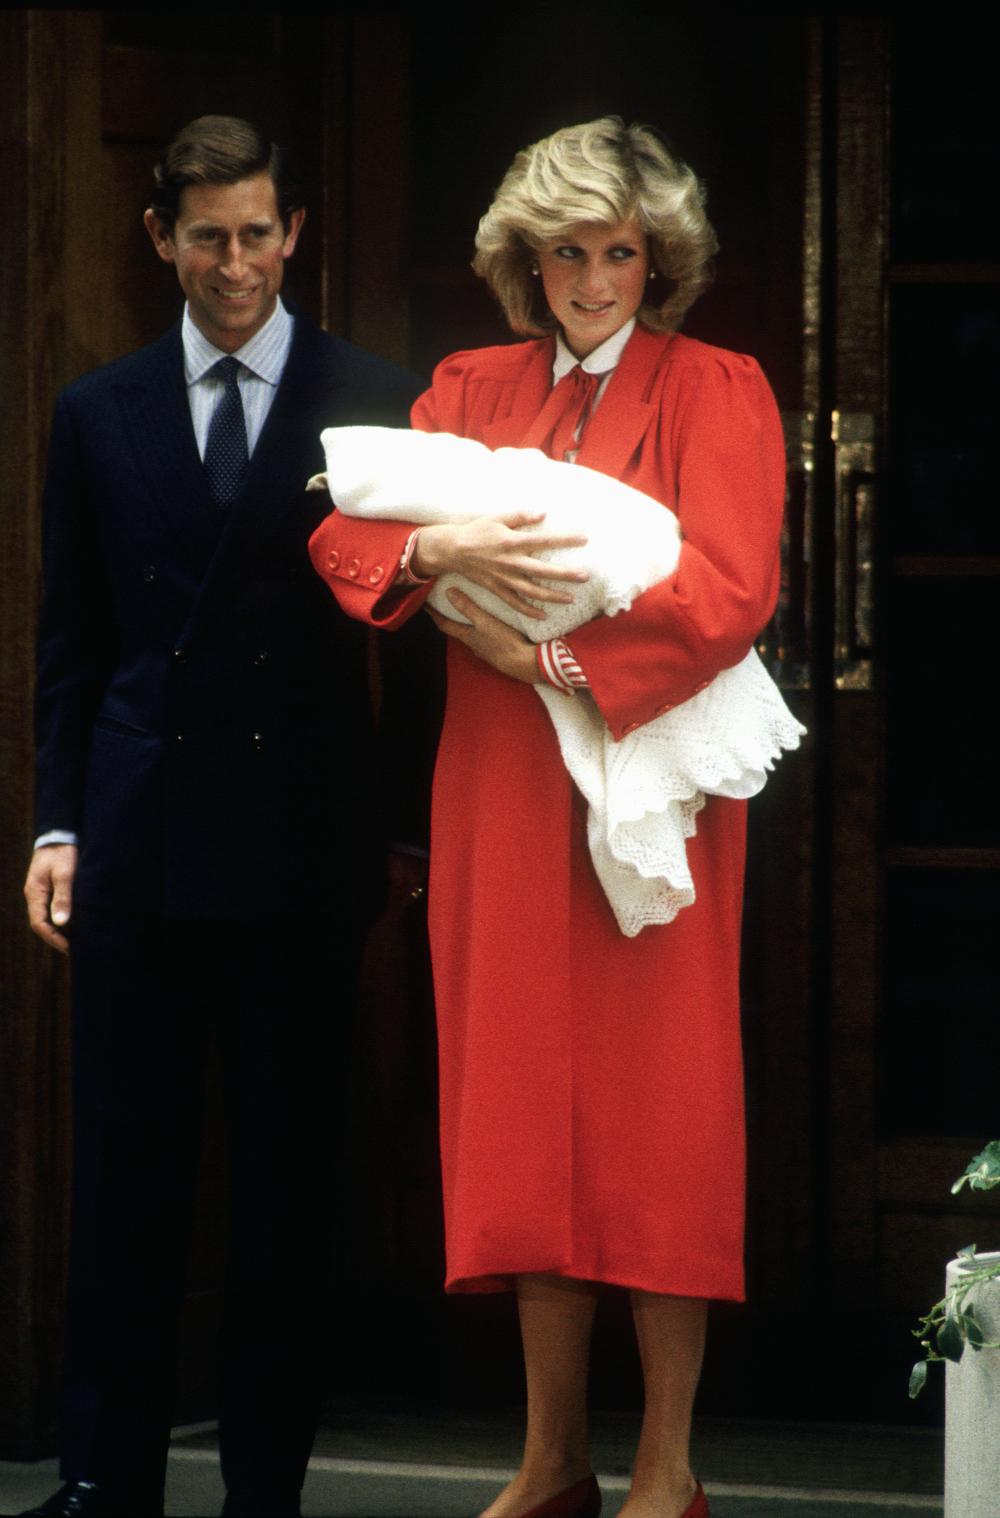 Η πριγκίπισσα Νταϊάνα με κατακόκκινο φόρεμα βγαίνοντας από το μαιευτήριο με τον Χάρι αγκαλιά